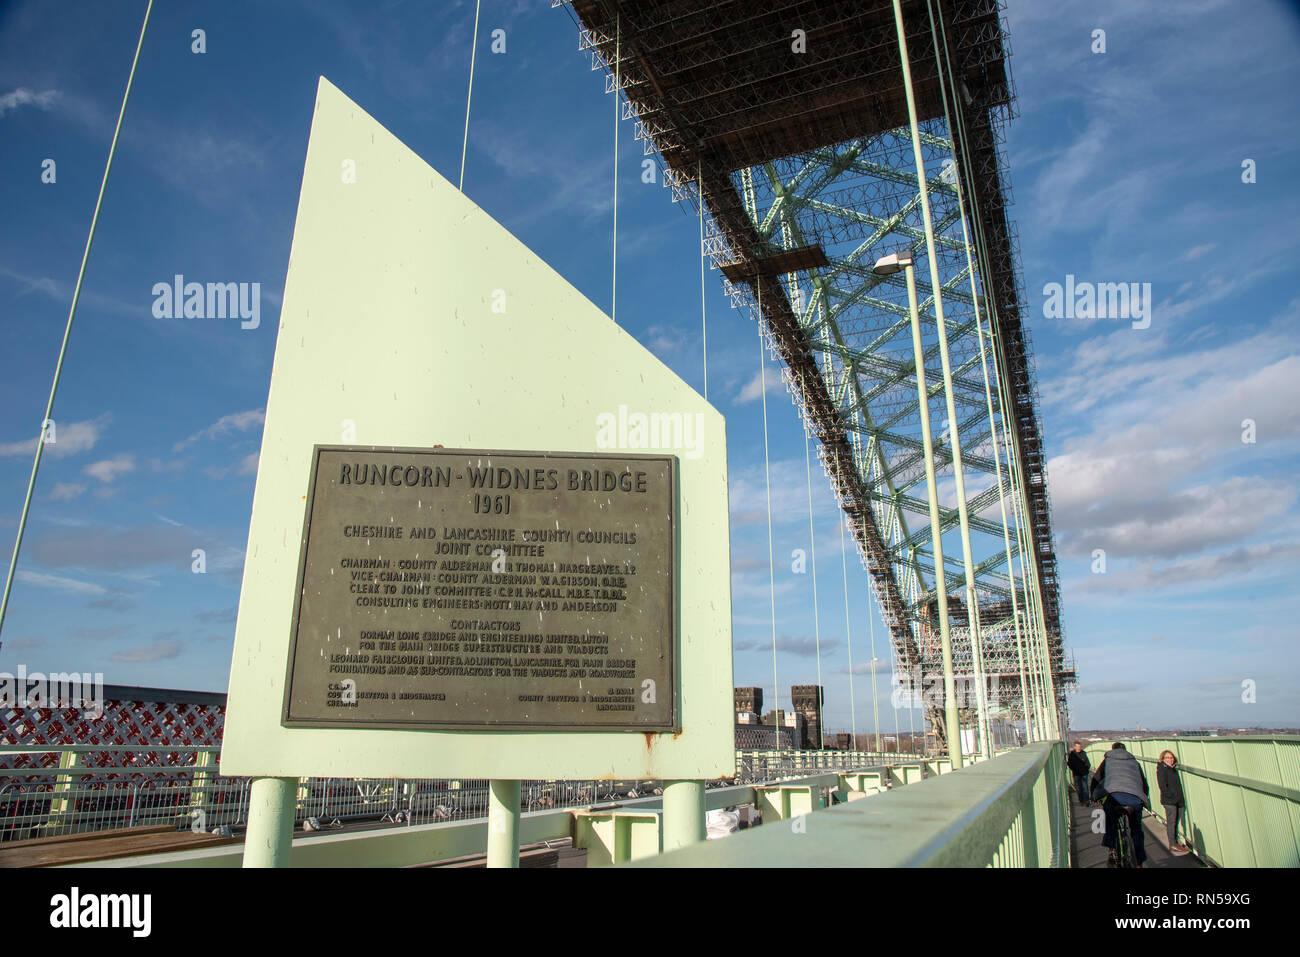 The river Mersey bridge crossin plaque om the old Queensway bridge. - Stock Image